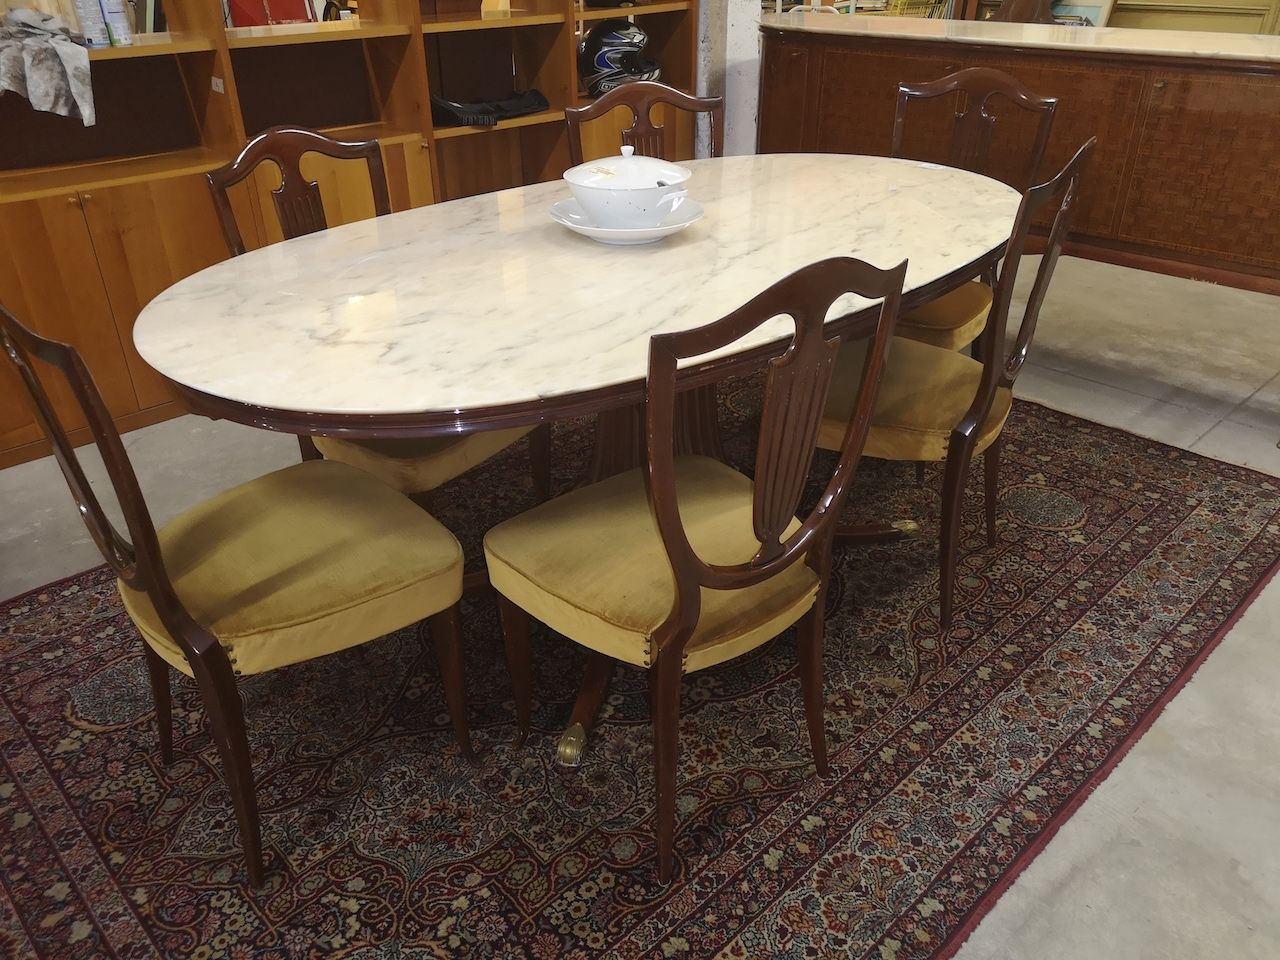 tavolo ovale marmo con 6 sedie - nientedinuovo.it | Tavolo ...